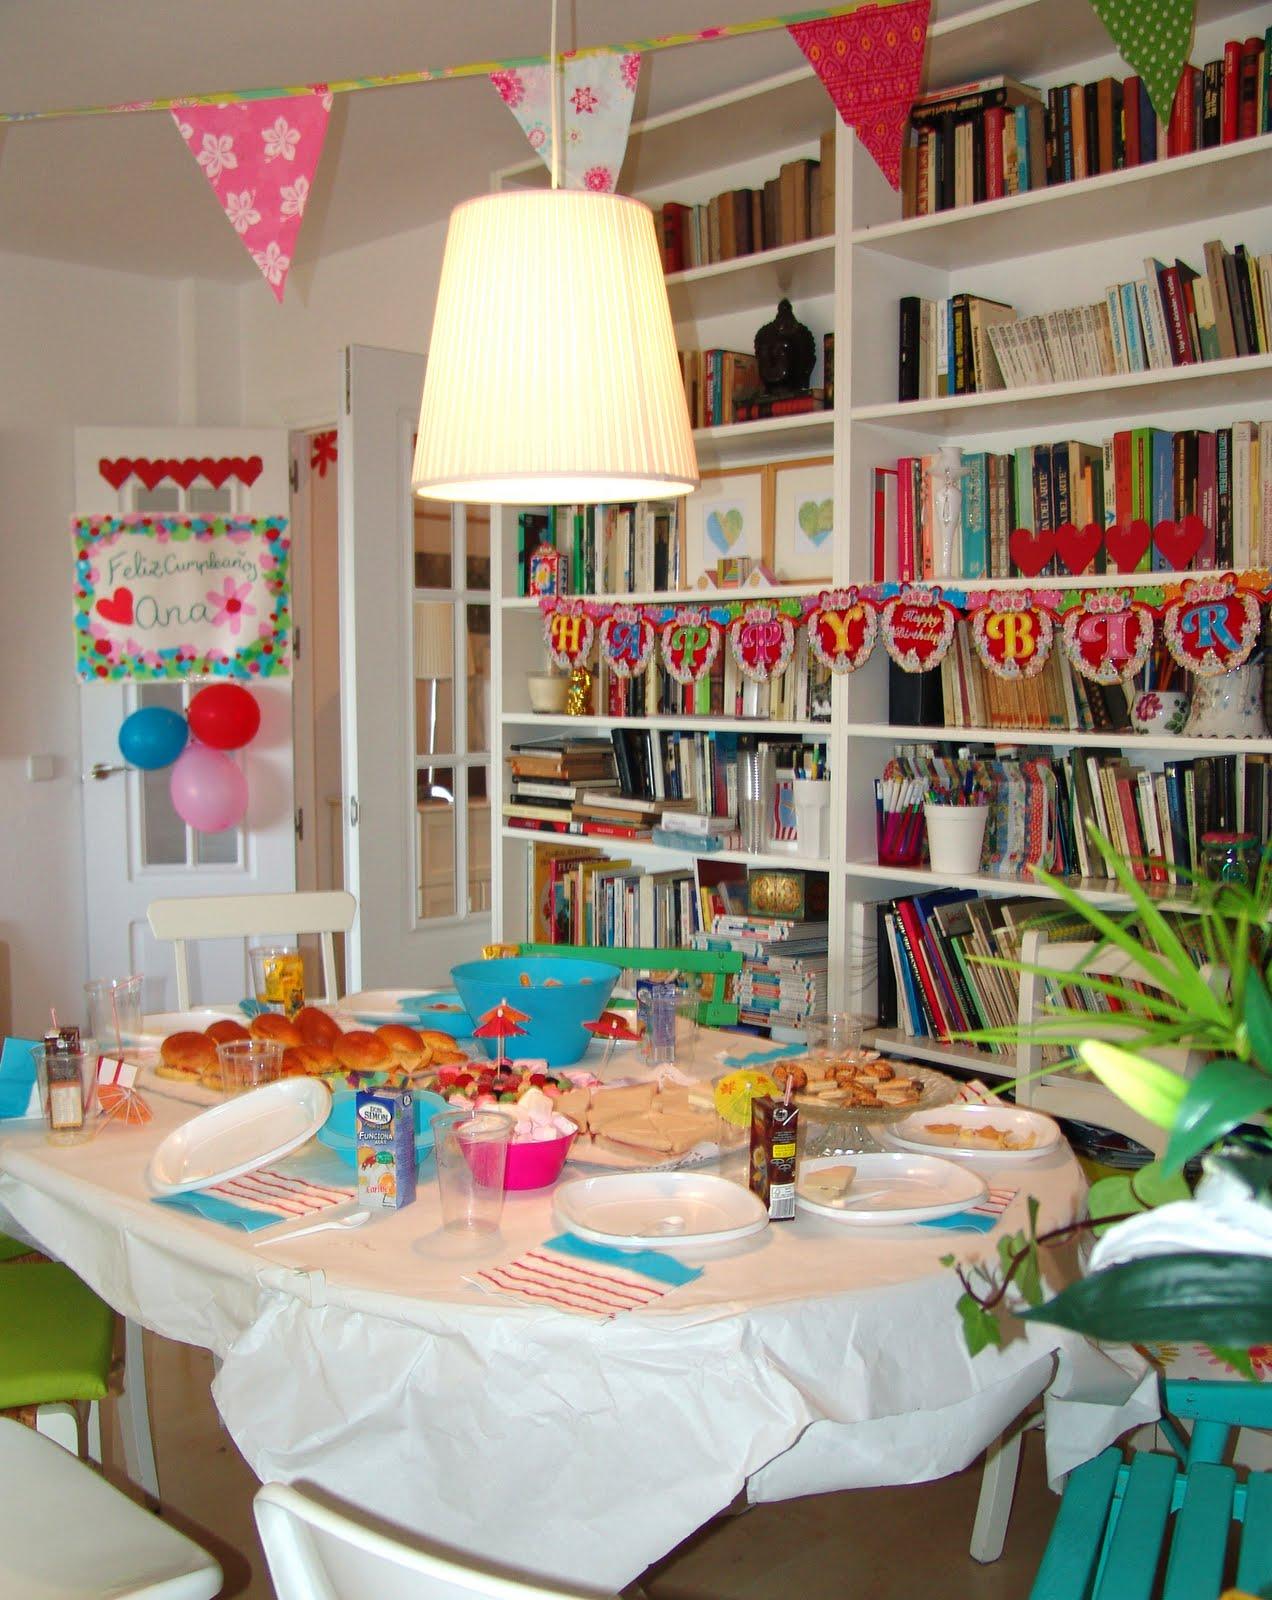 preparando la fiesta de cumpleaos de mi hija guirnaldas hechas con cartulinas globos de colores un cartel de bienvenida with cumpleaos infantil en casa - Fiesta De Cumpleaos En Casa